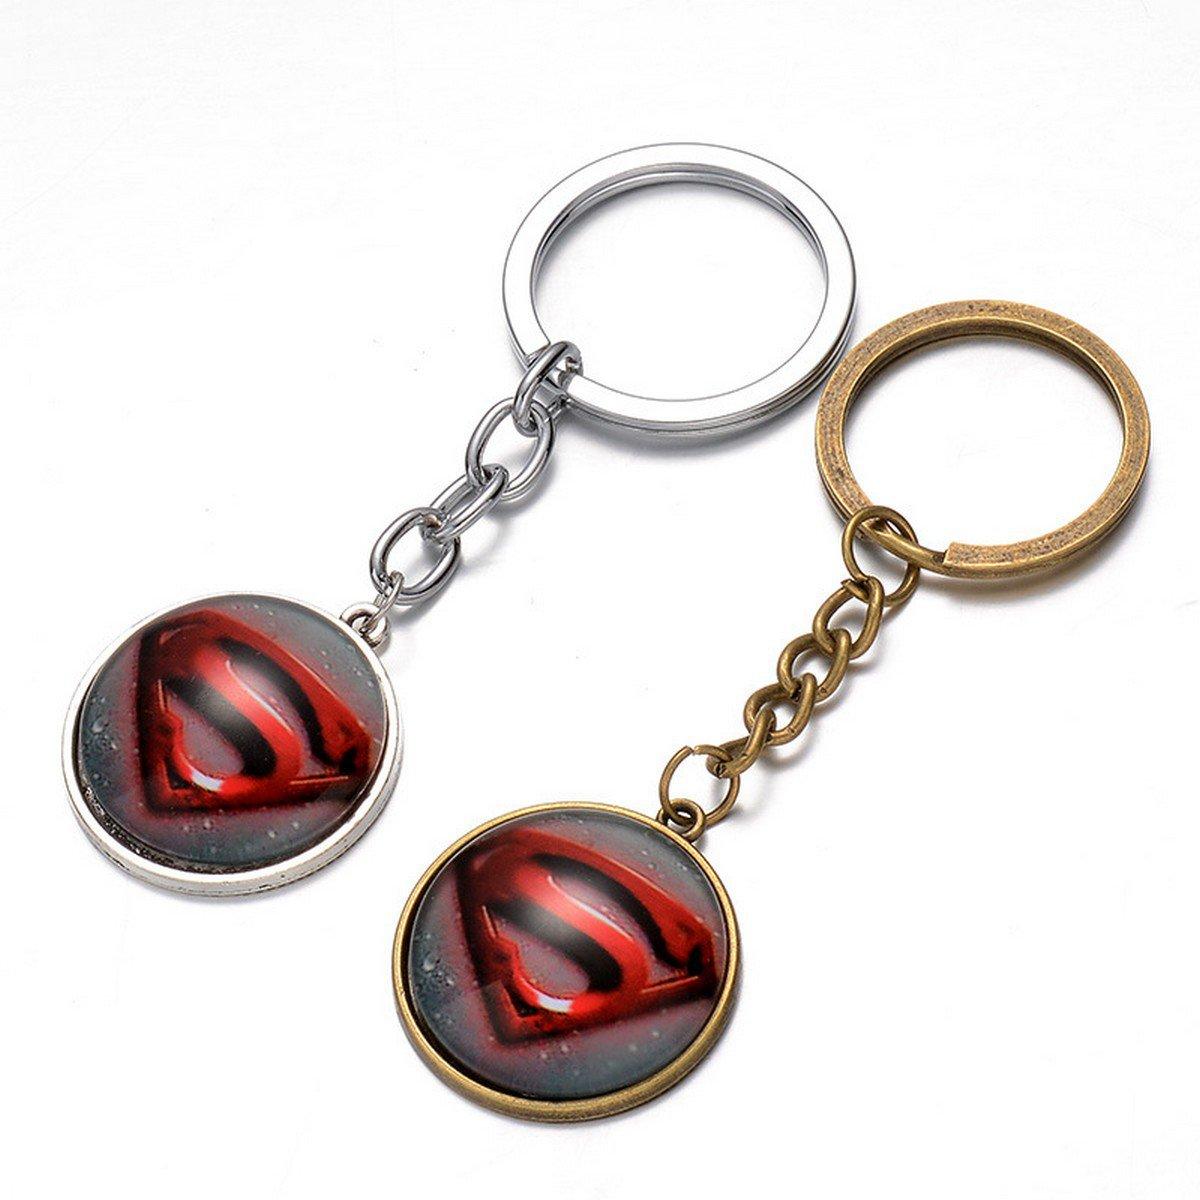 Buy Super Hero Superman Logo Pendant Key Chain Ring Metal Avengers Action Figures Toys Gife For Fri